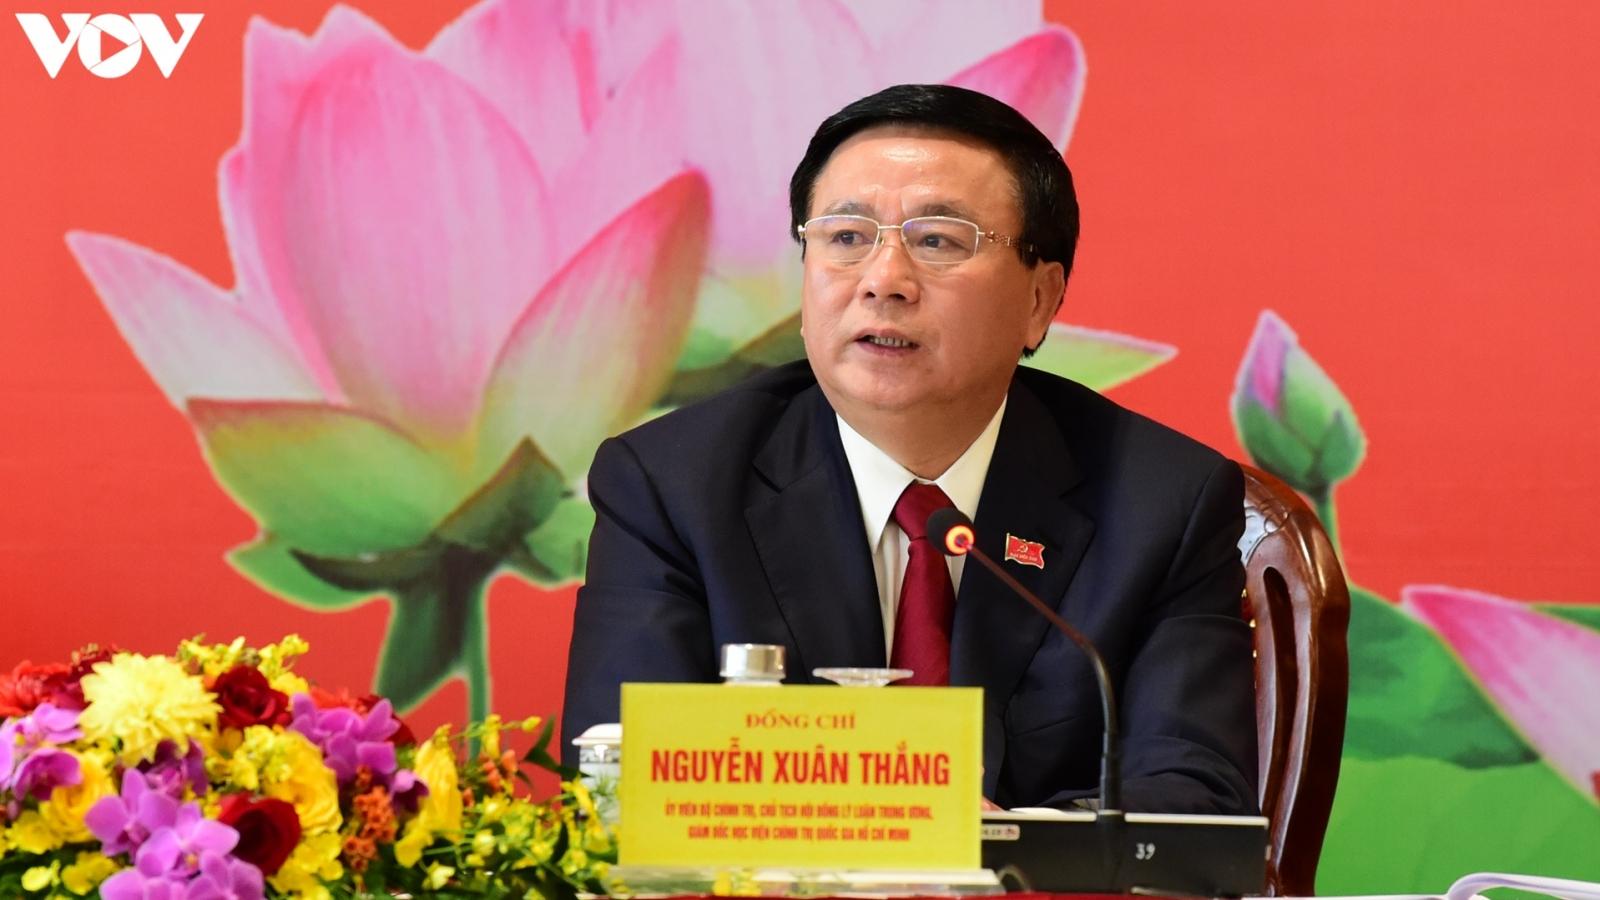 """Ông Nguyễn Xuân Thắng: """"Chống tham nhũng tốt sẽ hạn chế tình trạng tự diễn biến"""""""